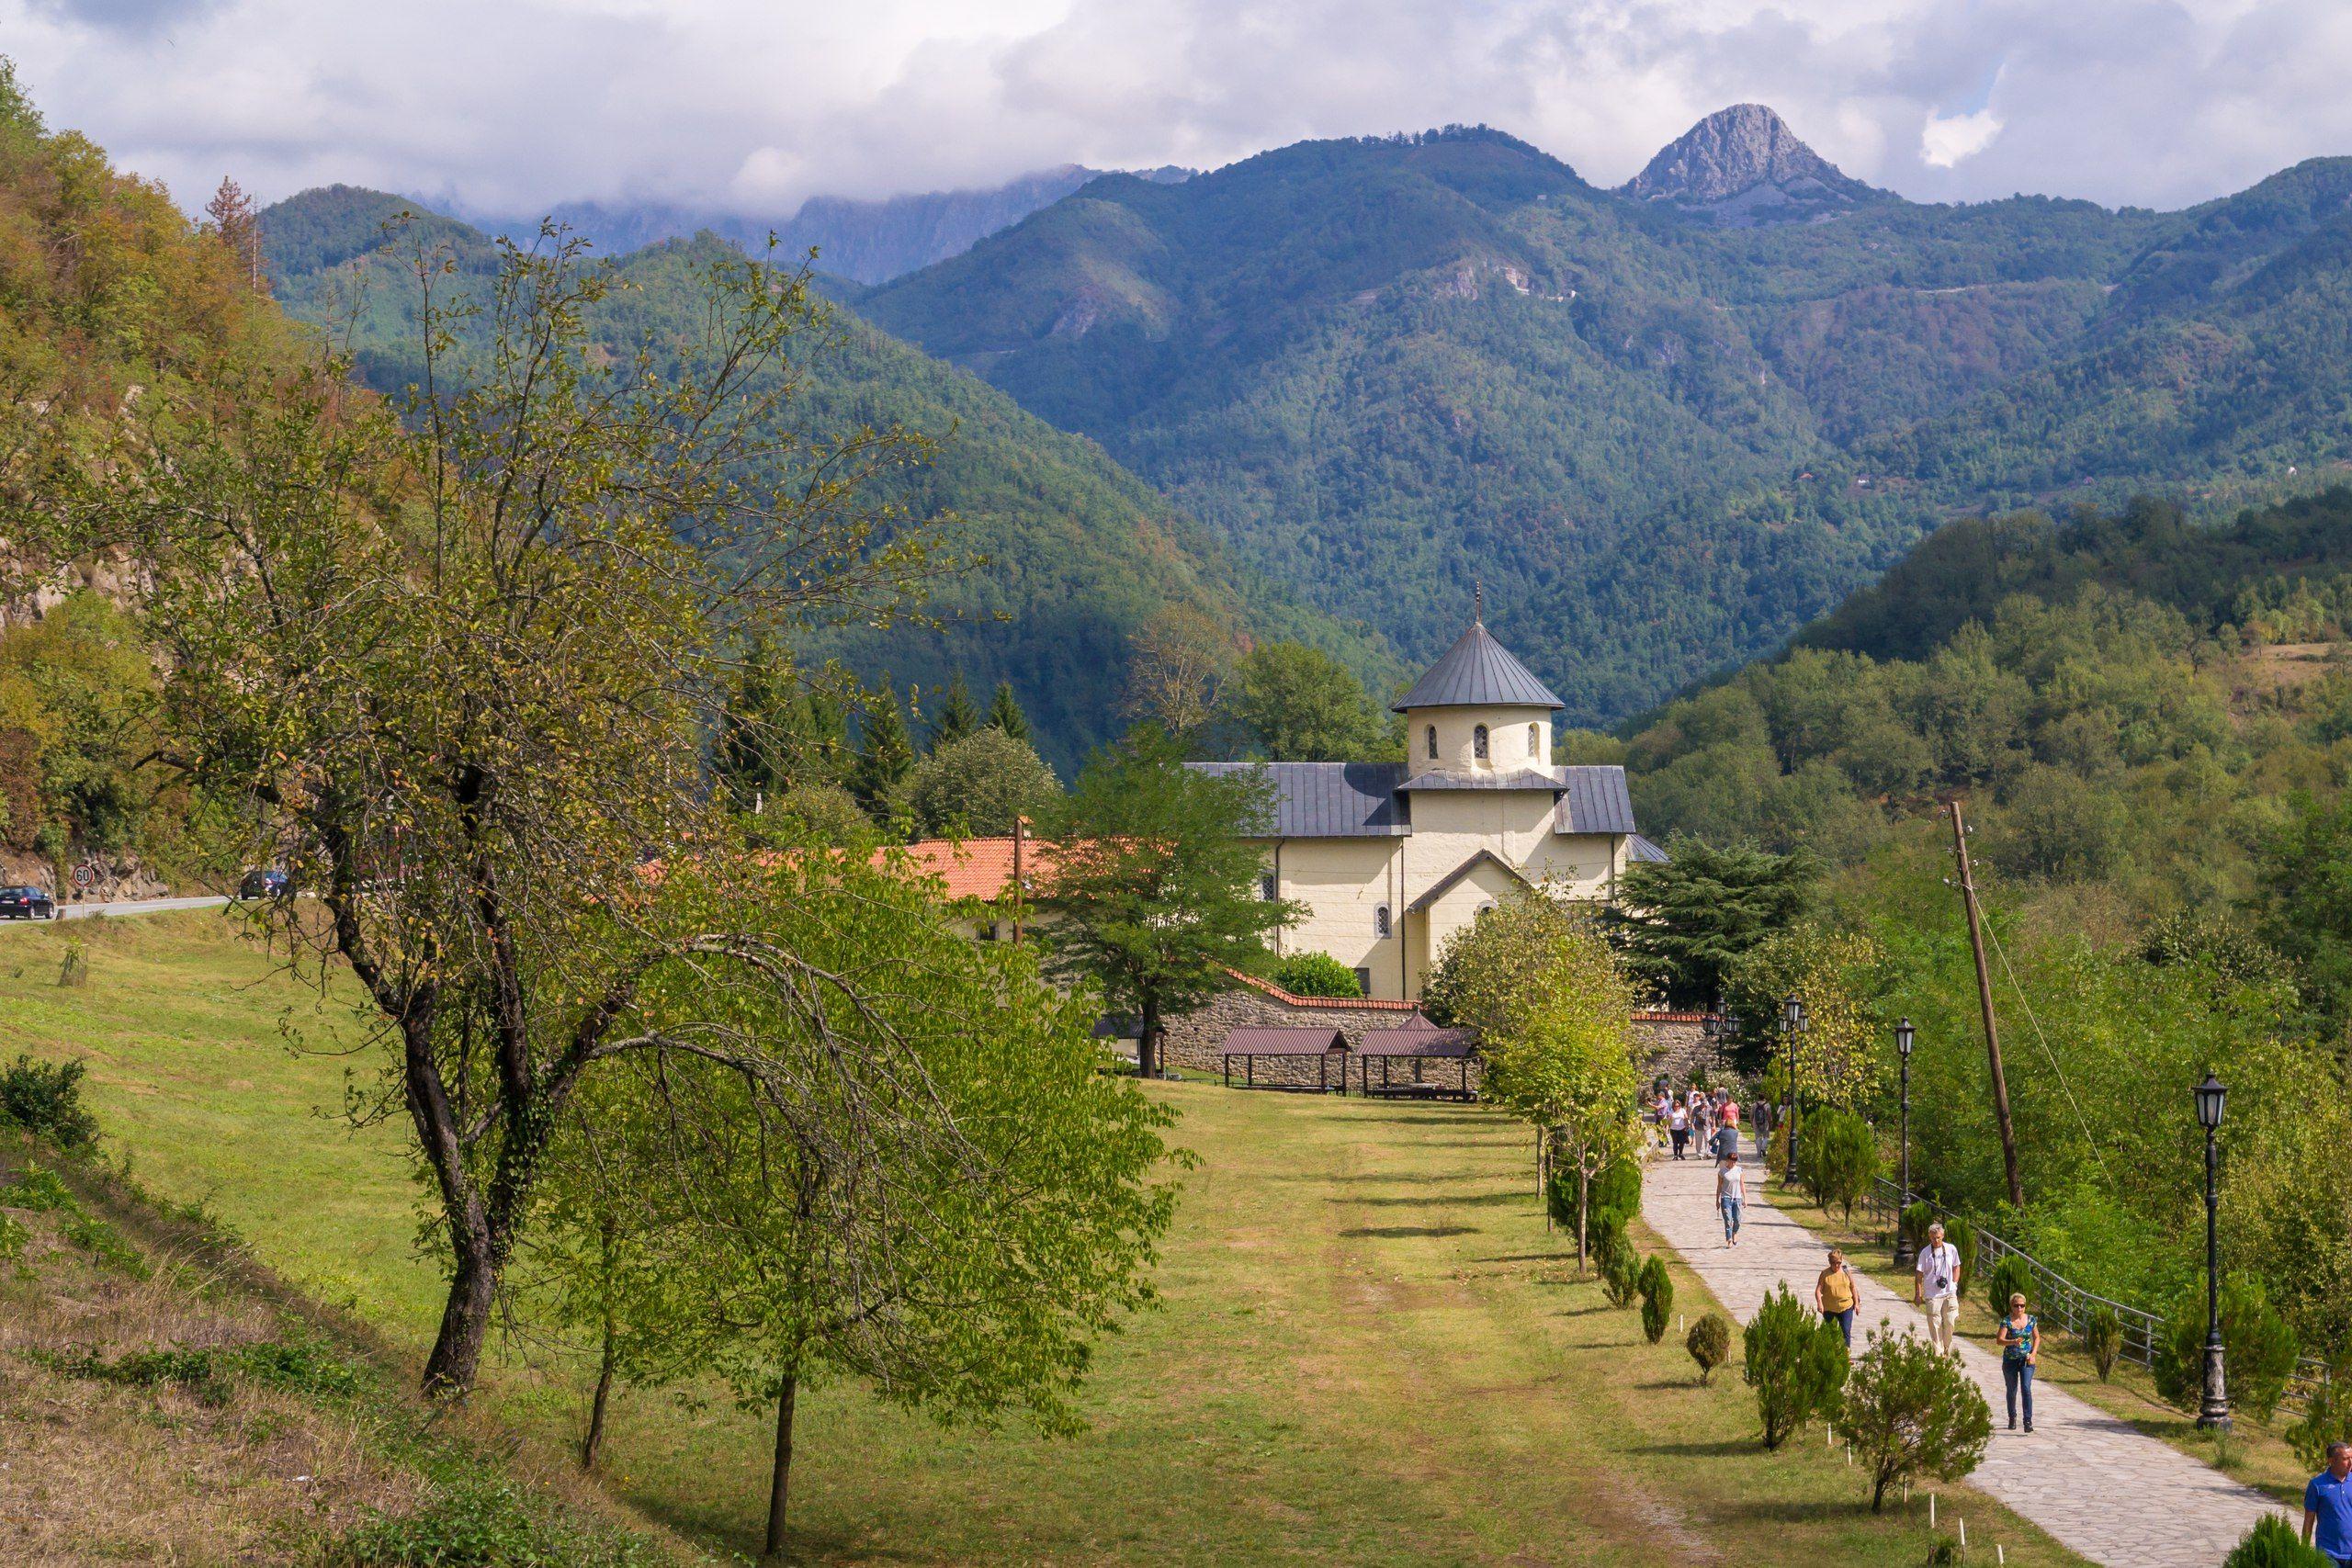 Черногория, Морача, монастырь, горы, montenegro, Мержанов Дима